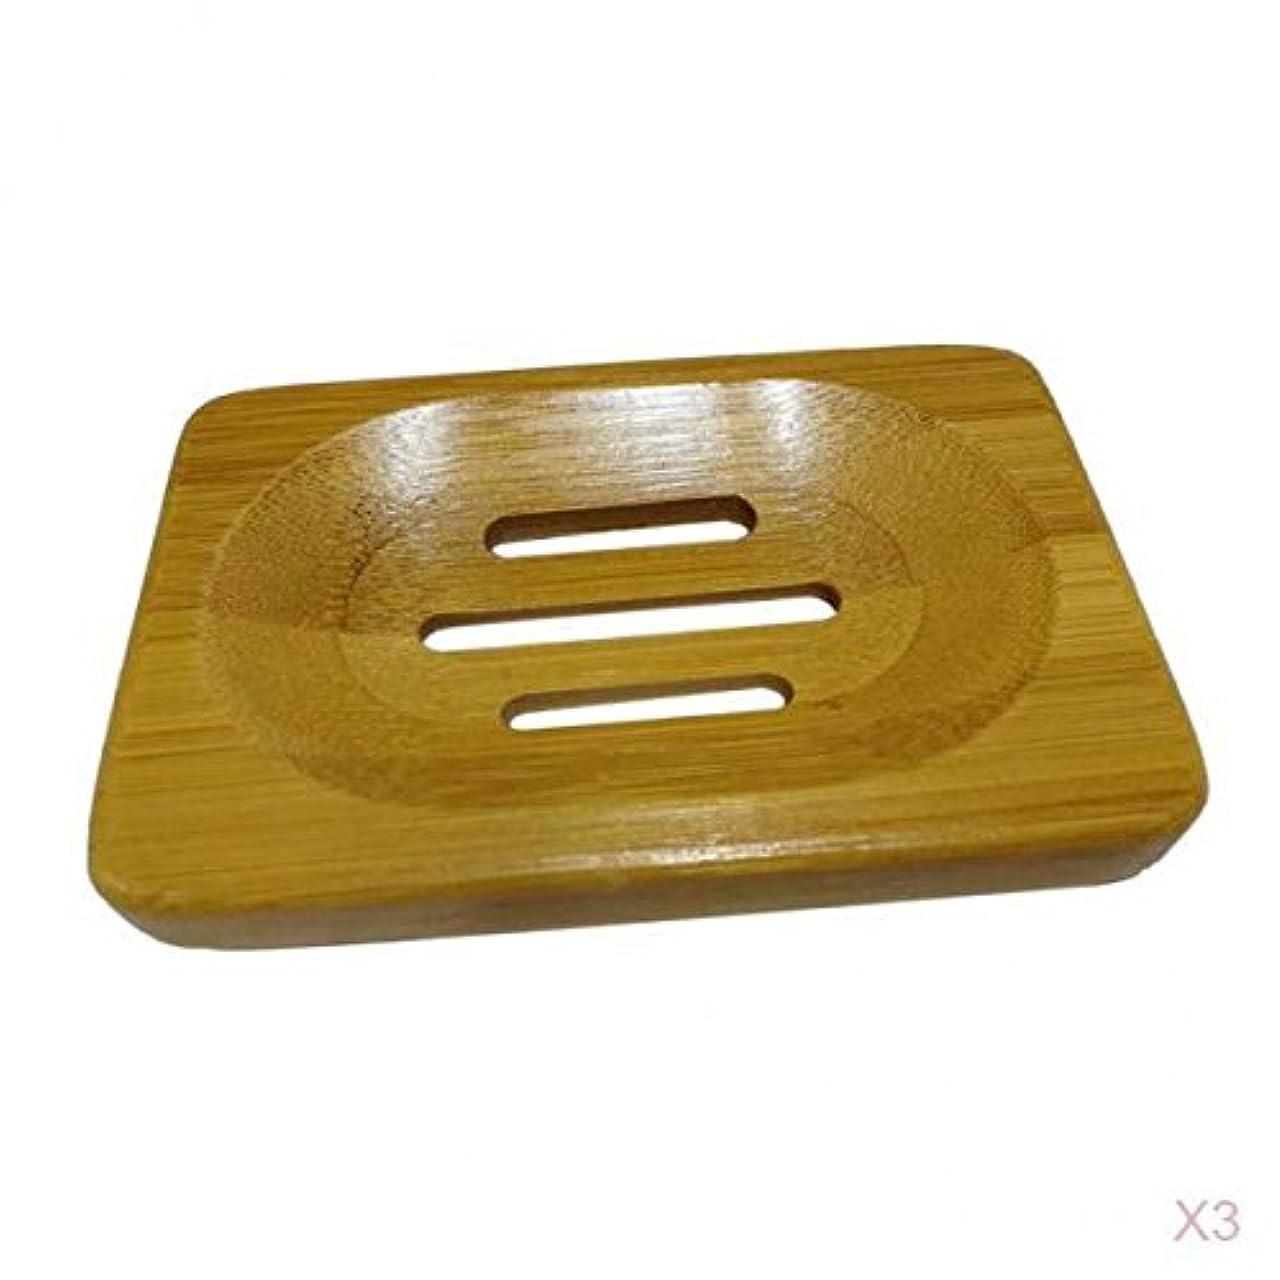 リーンスワップ問題Homyl 3個 木製 石鹸 ケース ホルダー